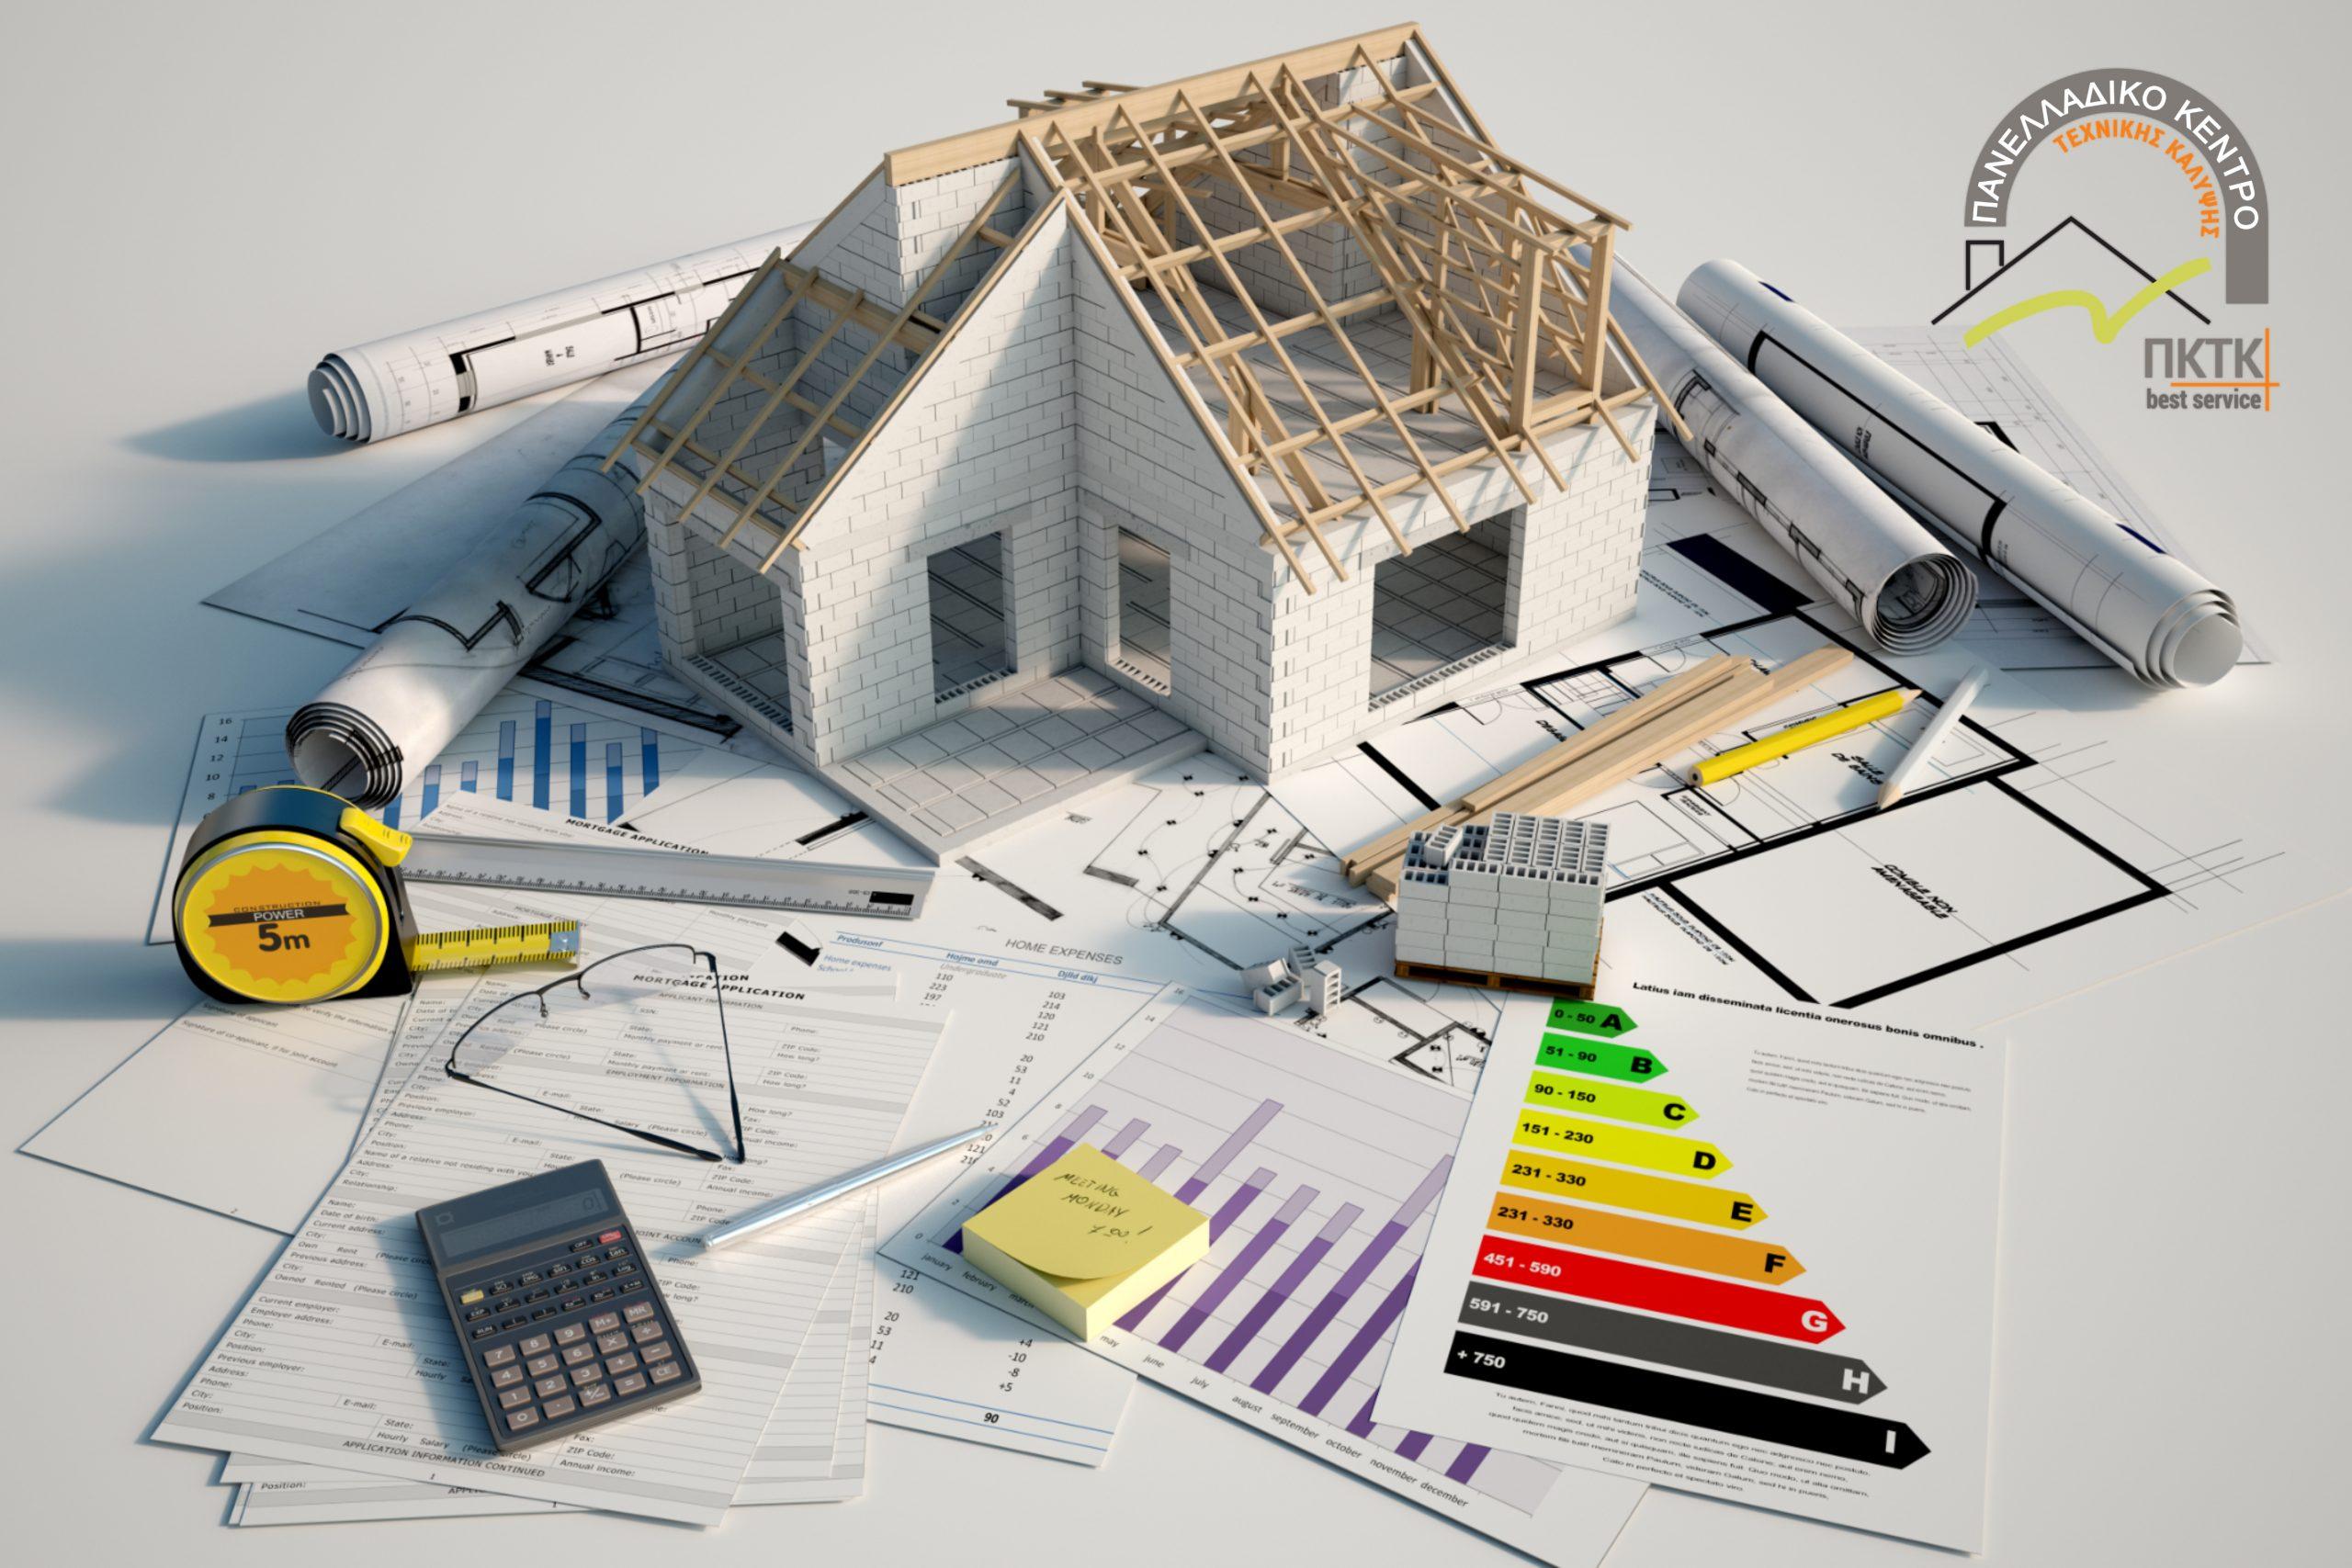 Πιστοποιητικό Ενεργειακής Απόδοσηςση κτιρίων